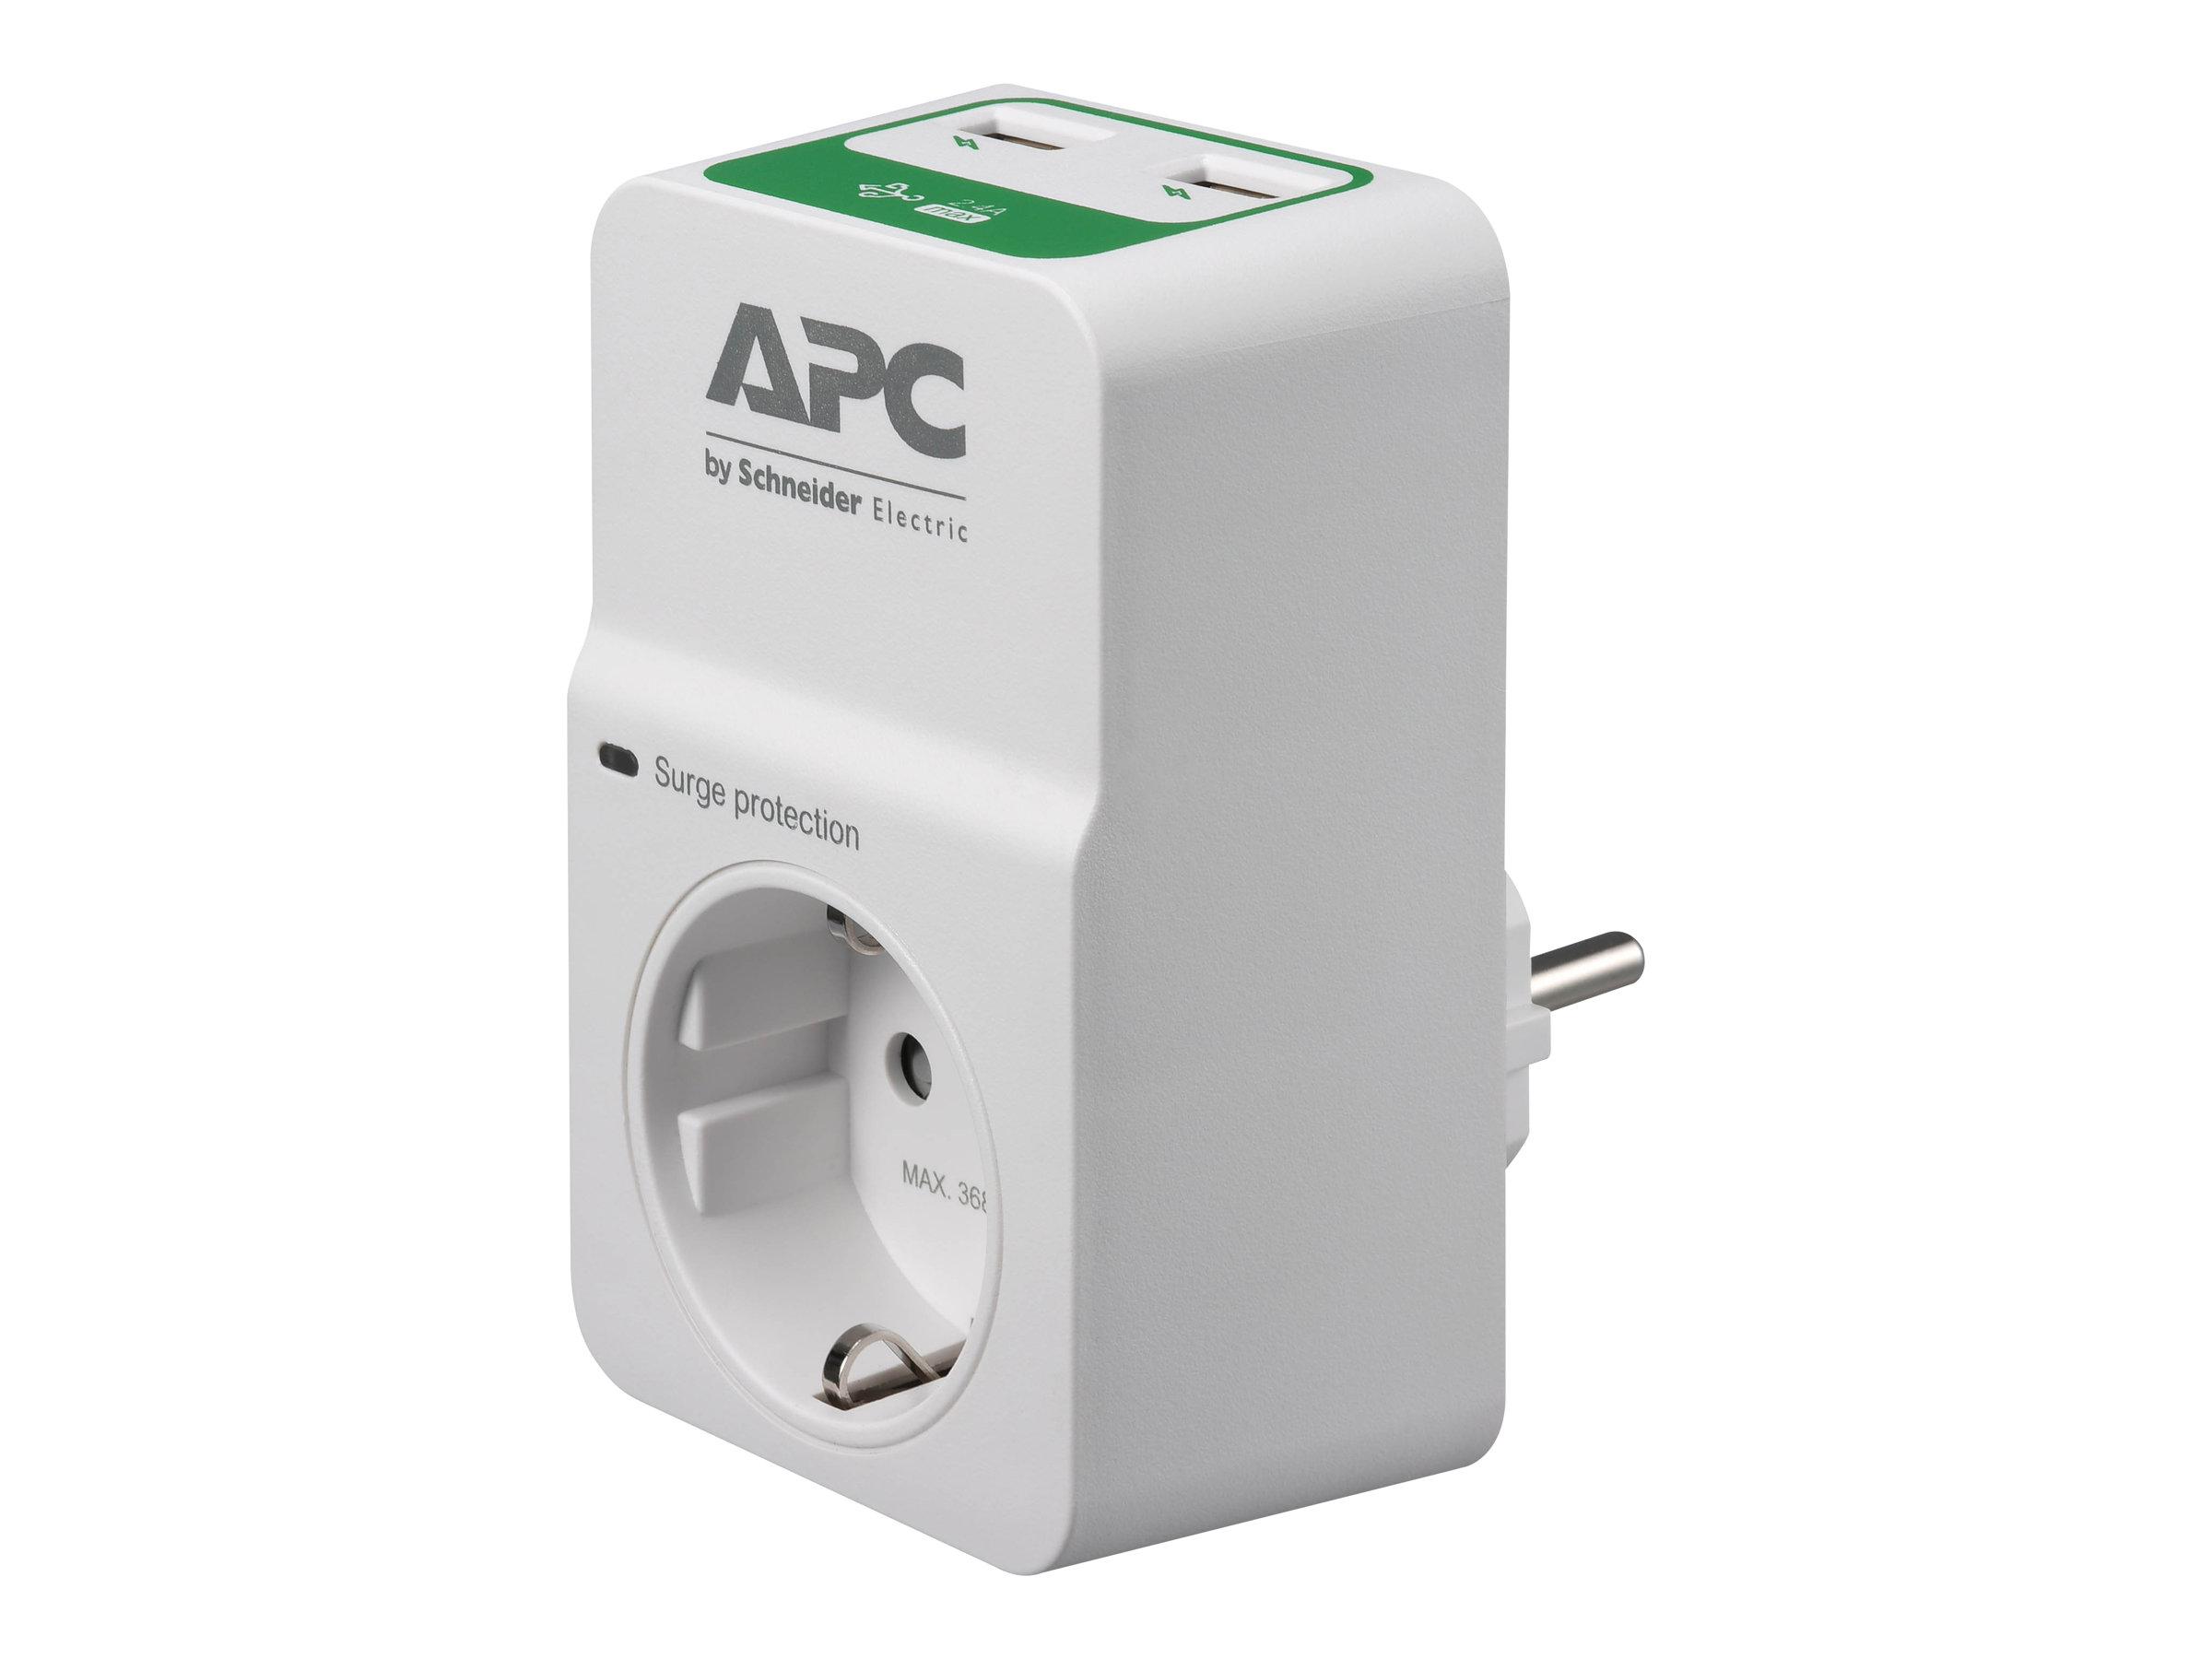 APC Essential Surgearrest PM1WU2 - Überspannungsschutz - Wechselstrom 230 V - Ausgangsanschlüsse: 1 - Deutschland - weiss